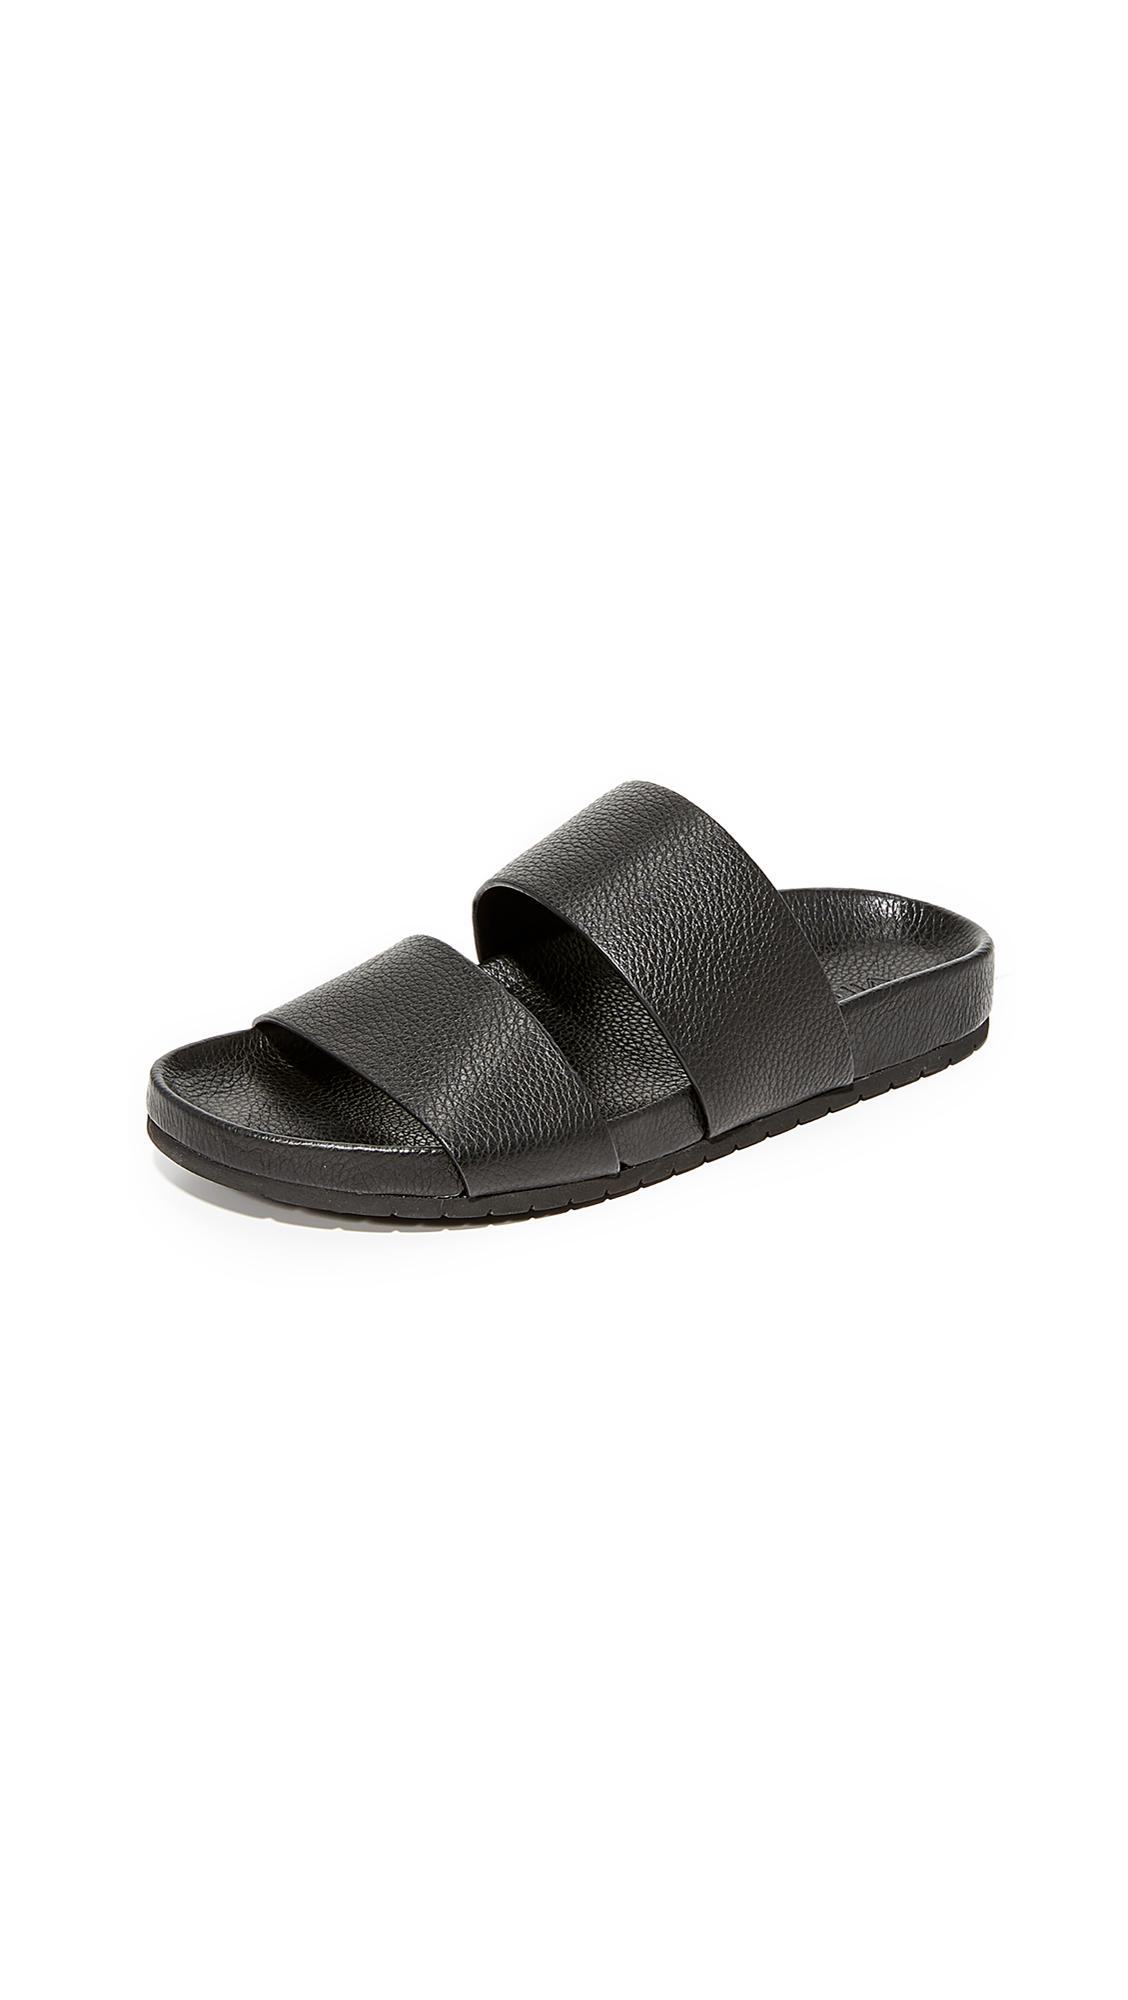 Vince Georgie Two Band Slide Sandals - Black